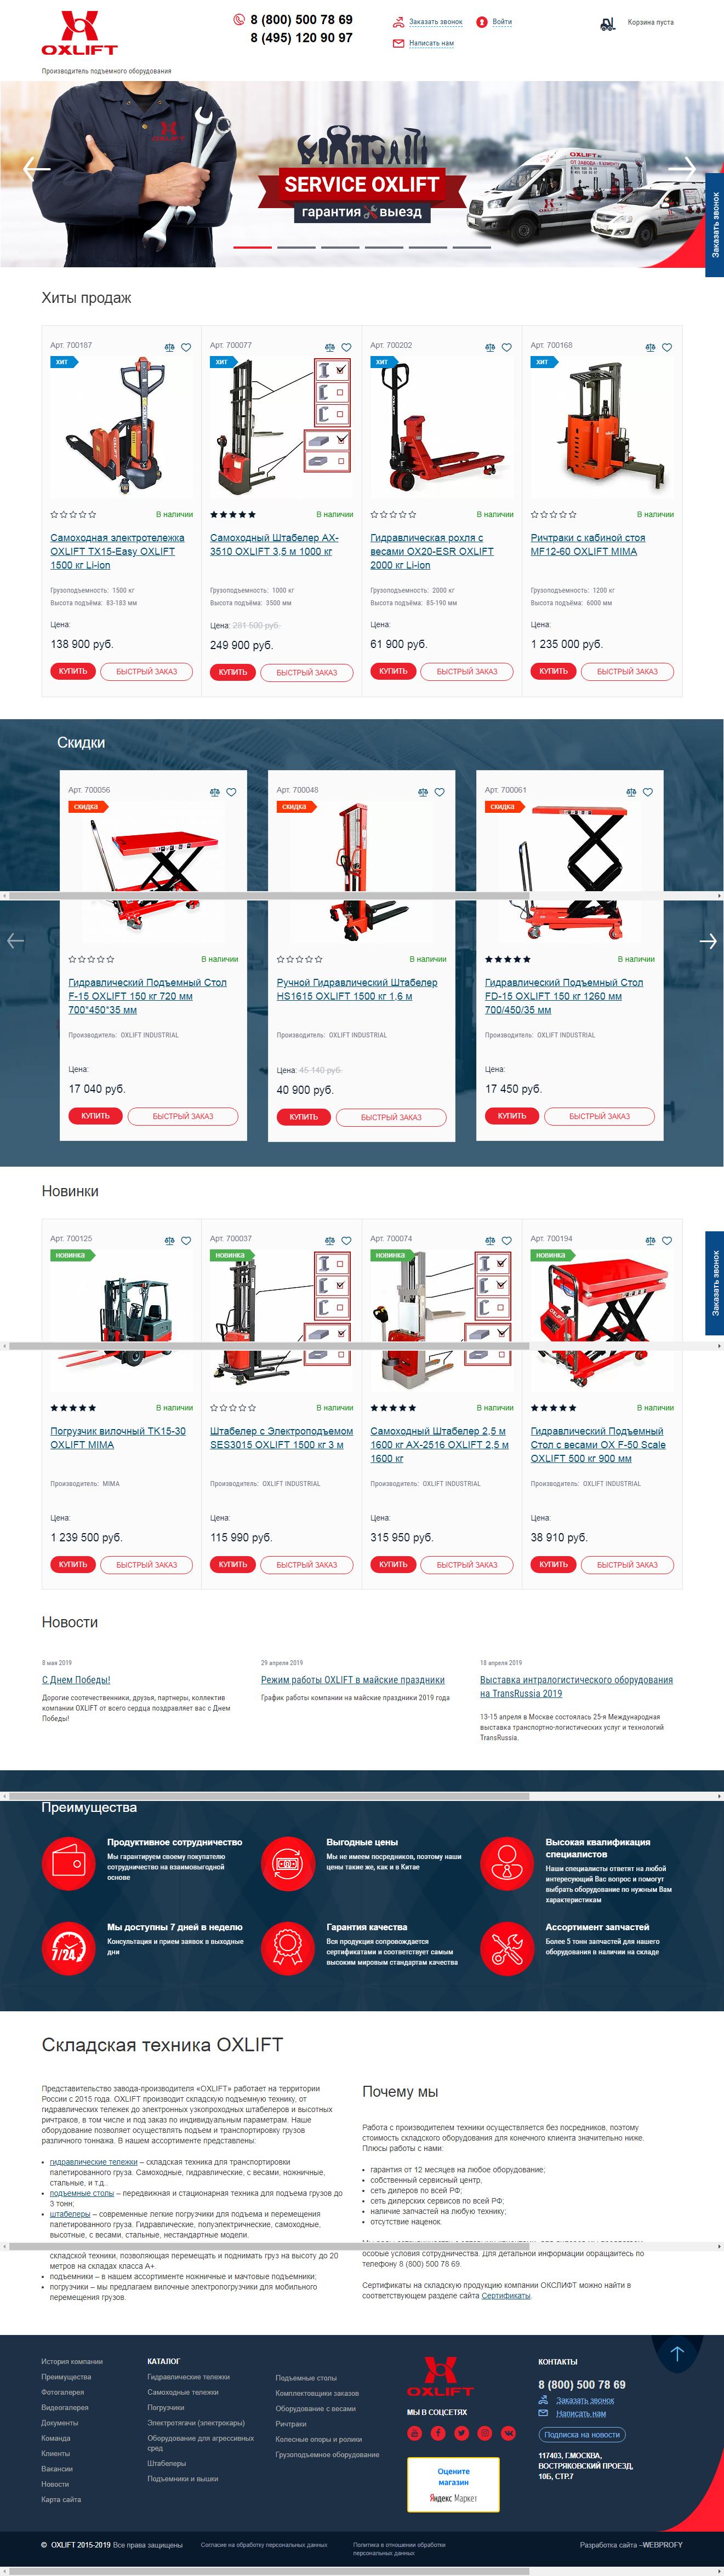 Макет сайта Интернет каталог продаже складских тележек 1